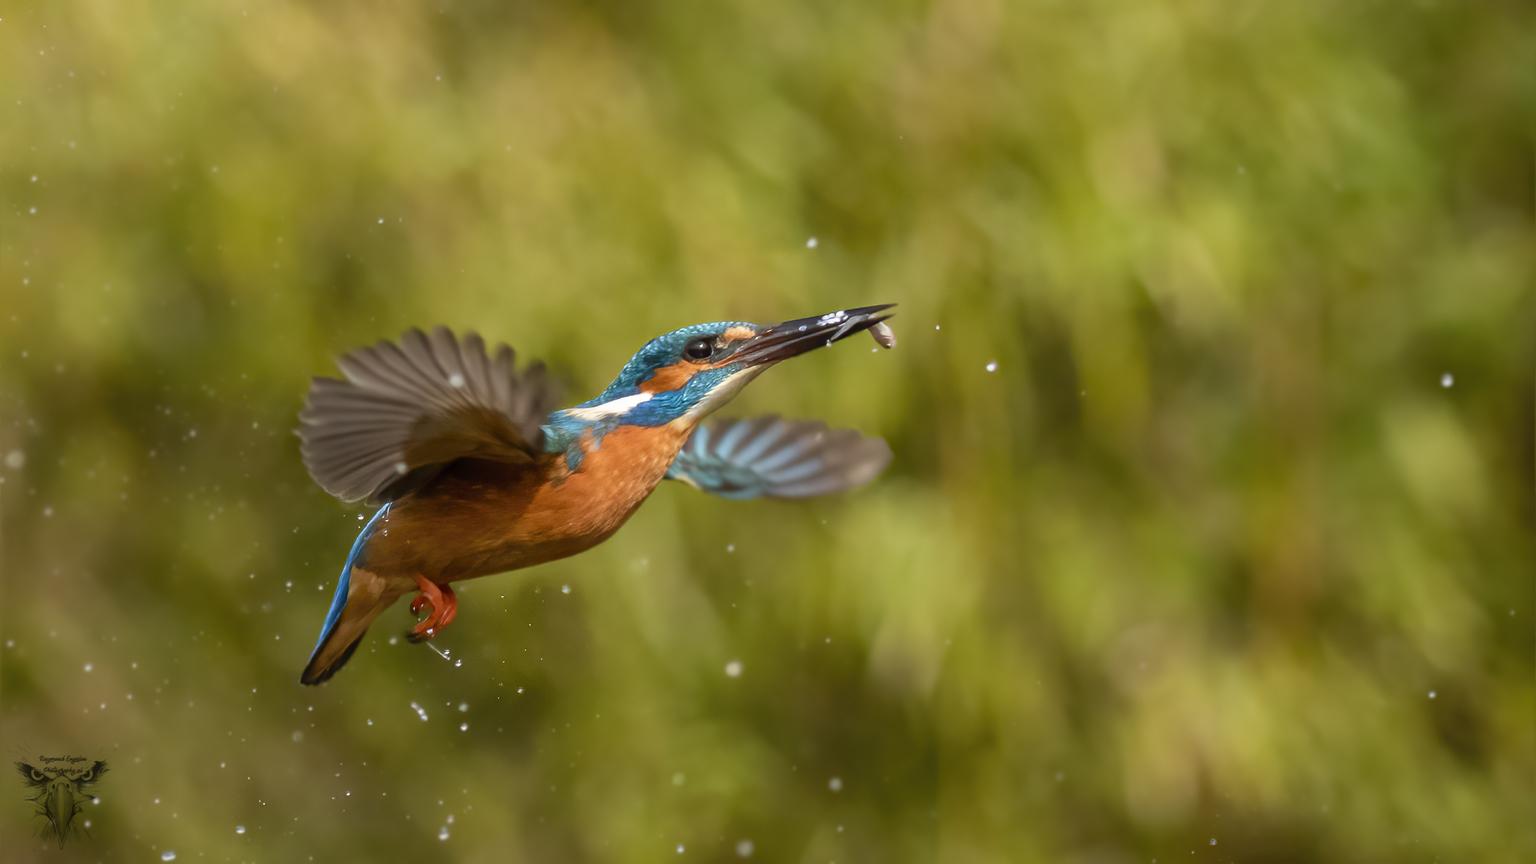 ijsvogel - duikende ijsvogel naar visjes - foto door Raymond50 op 13-04-2021 - locatie: Rijssen, Nederland - deze foto bevat: vogel, bek, veer, vleugel, terrestrische dieren, elektrisch blauw, watervogel, neerstekende vogel, staart, dieren in het wild